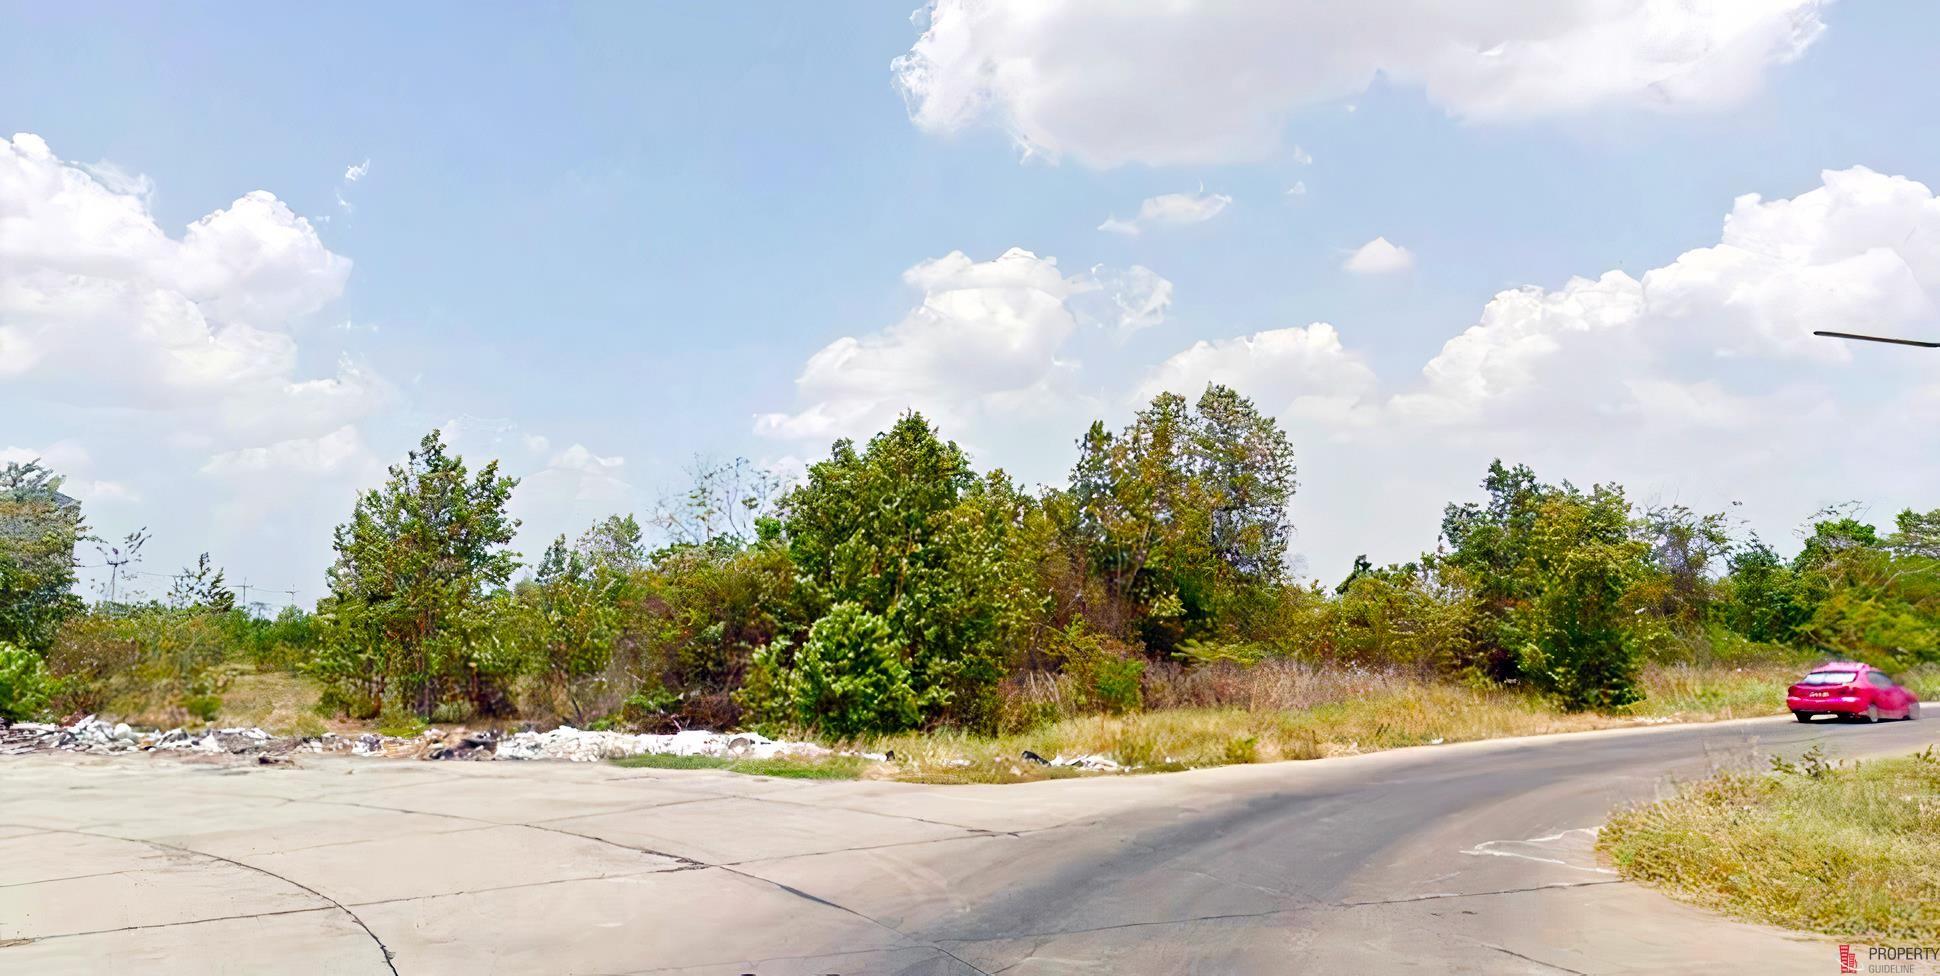 ขายที่ดิน 25 ถนนบ้านปทุมธานี (ห่างถนน 347, 2.7กม.) อ.สามโคก จ.ปทุมธานี